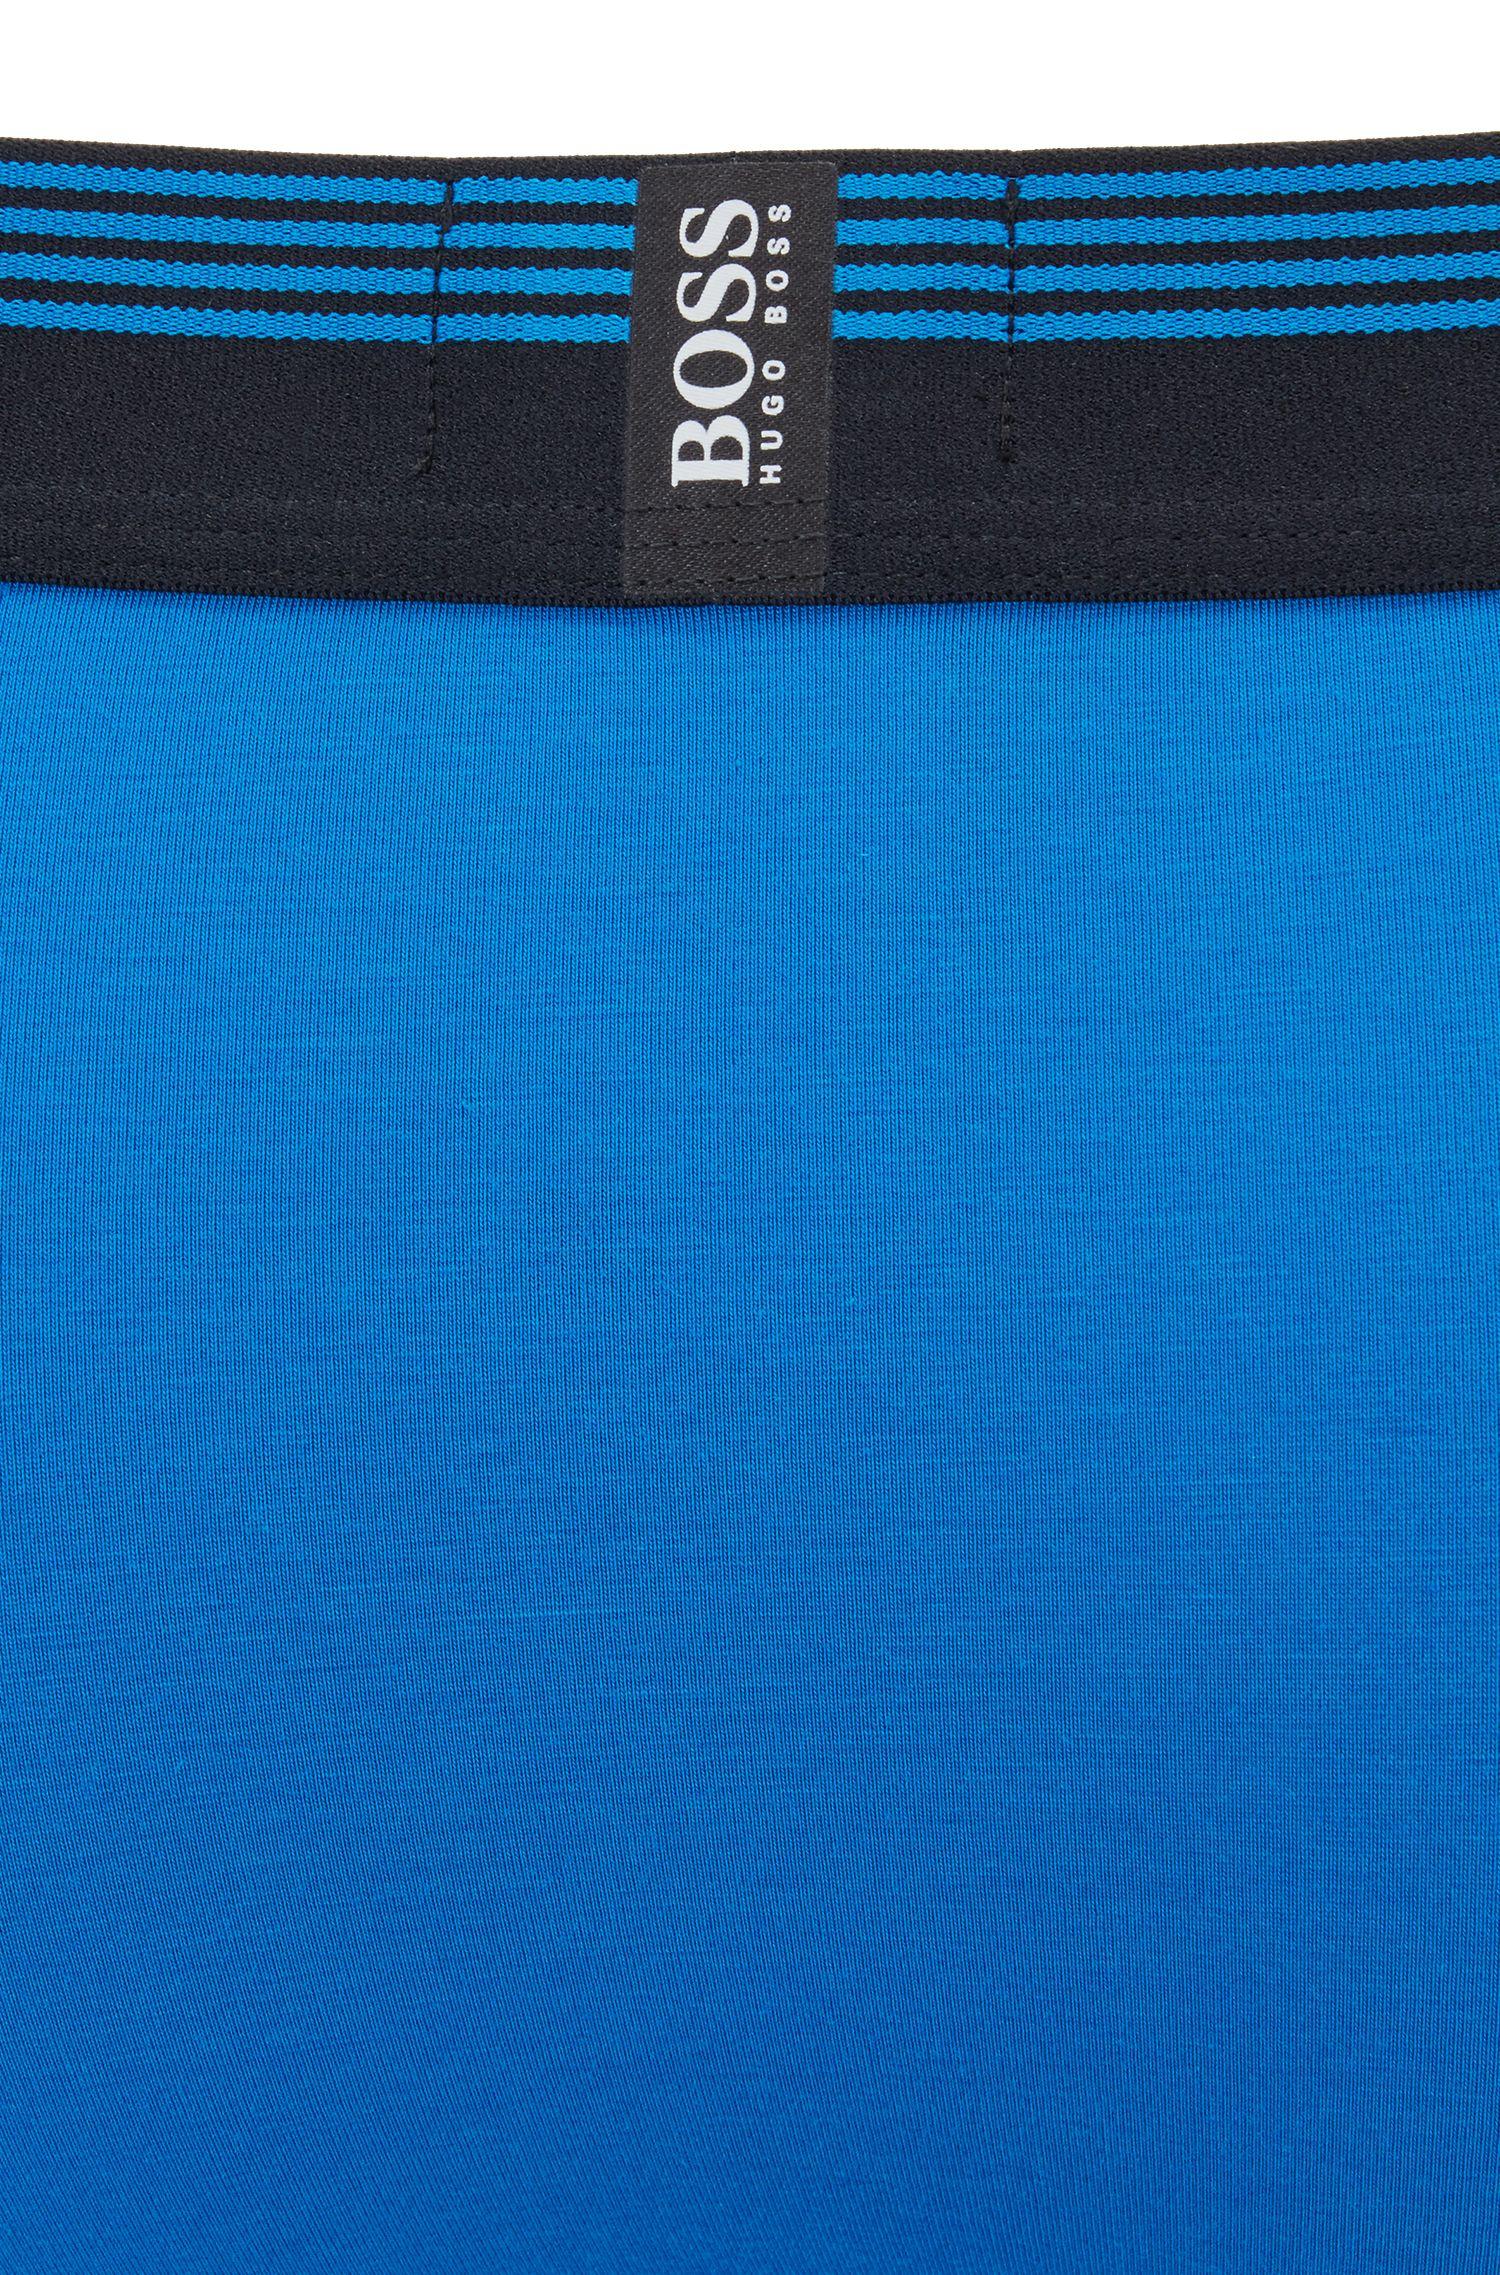 Boxershort met gestreepte tailleband en logo van silicone, Blauw